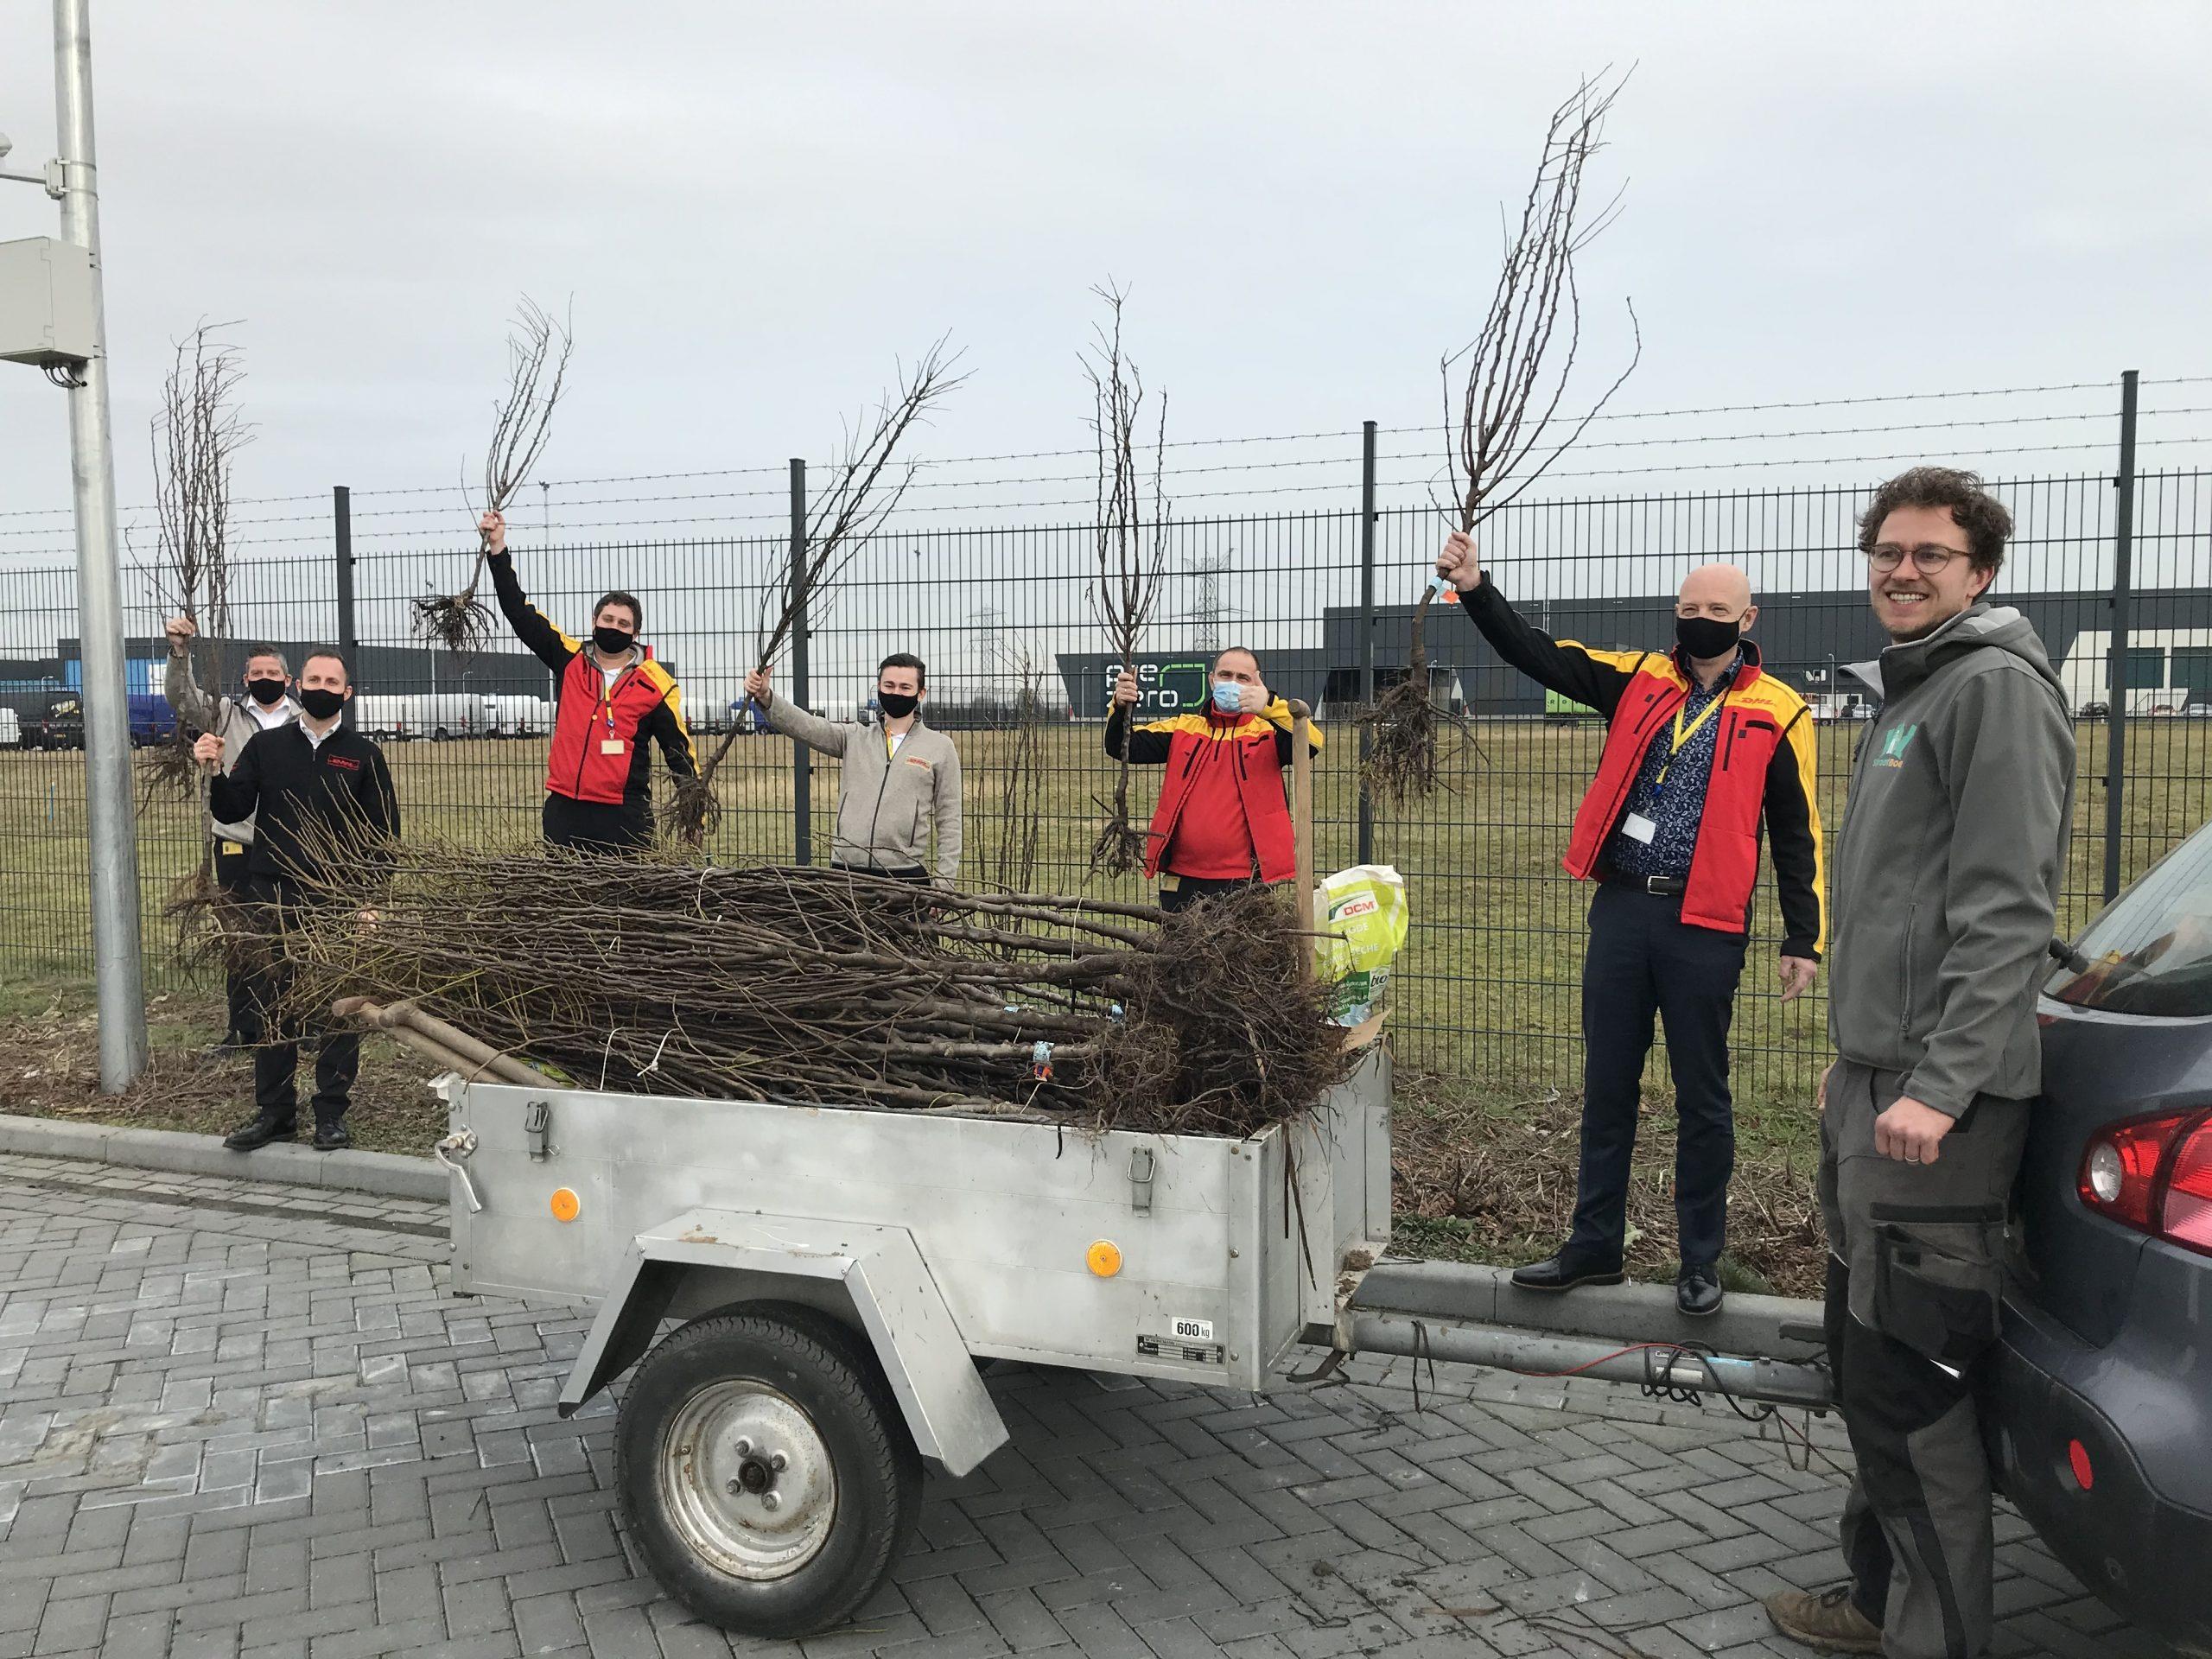 Foto-bij-persbericht-Perenboomactie-medewerkers-DHL-Express-foto-van-stichting-Straatboer